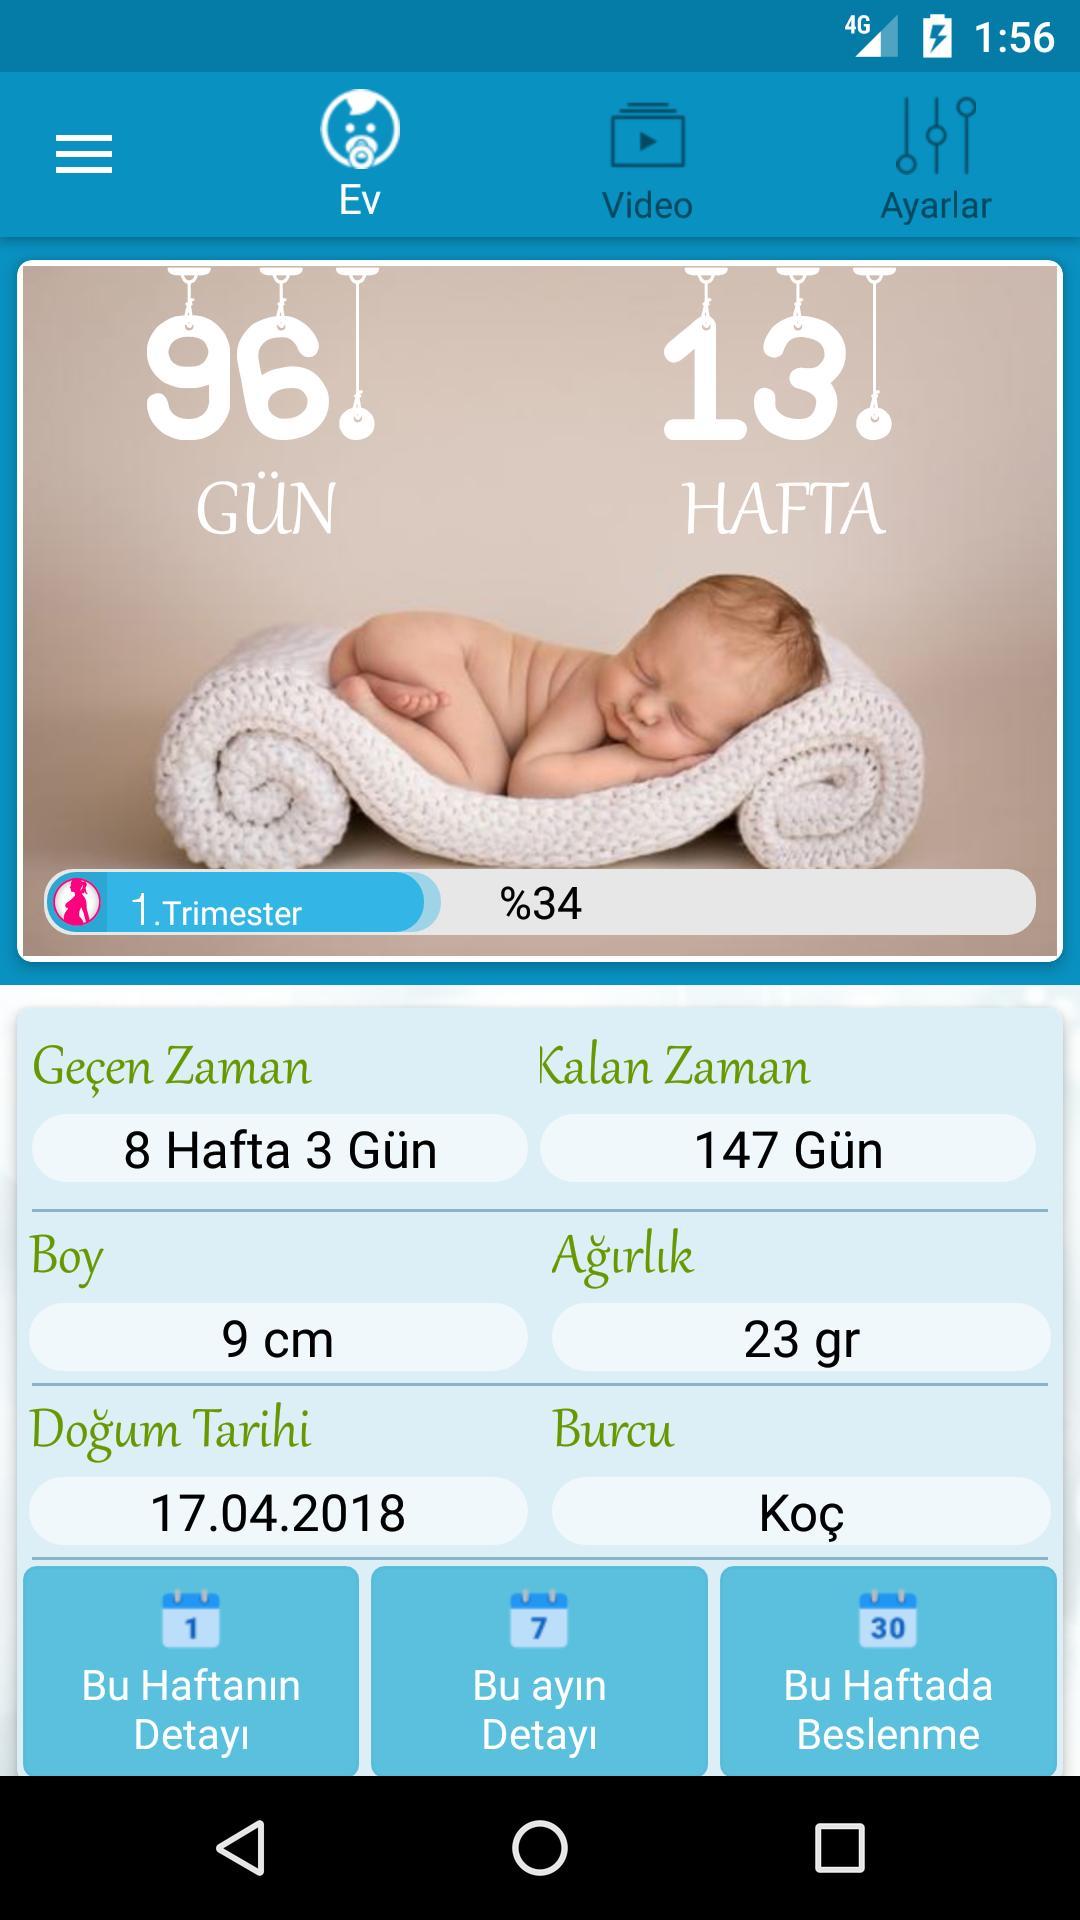 Hamilelik Sürecinde Kullanılabilecek Uygulamalar